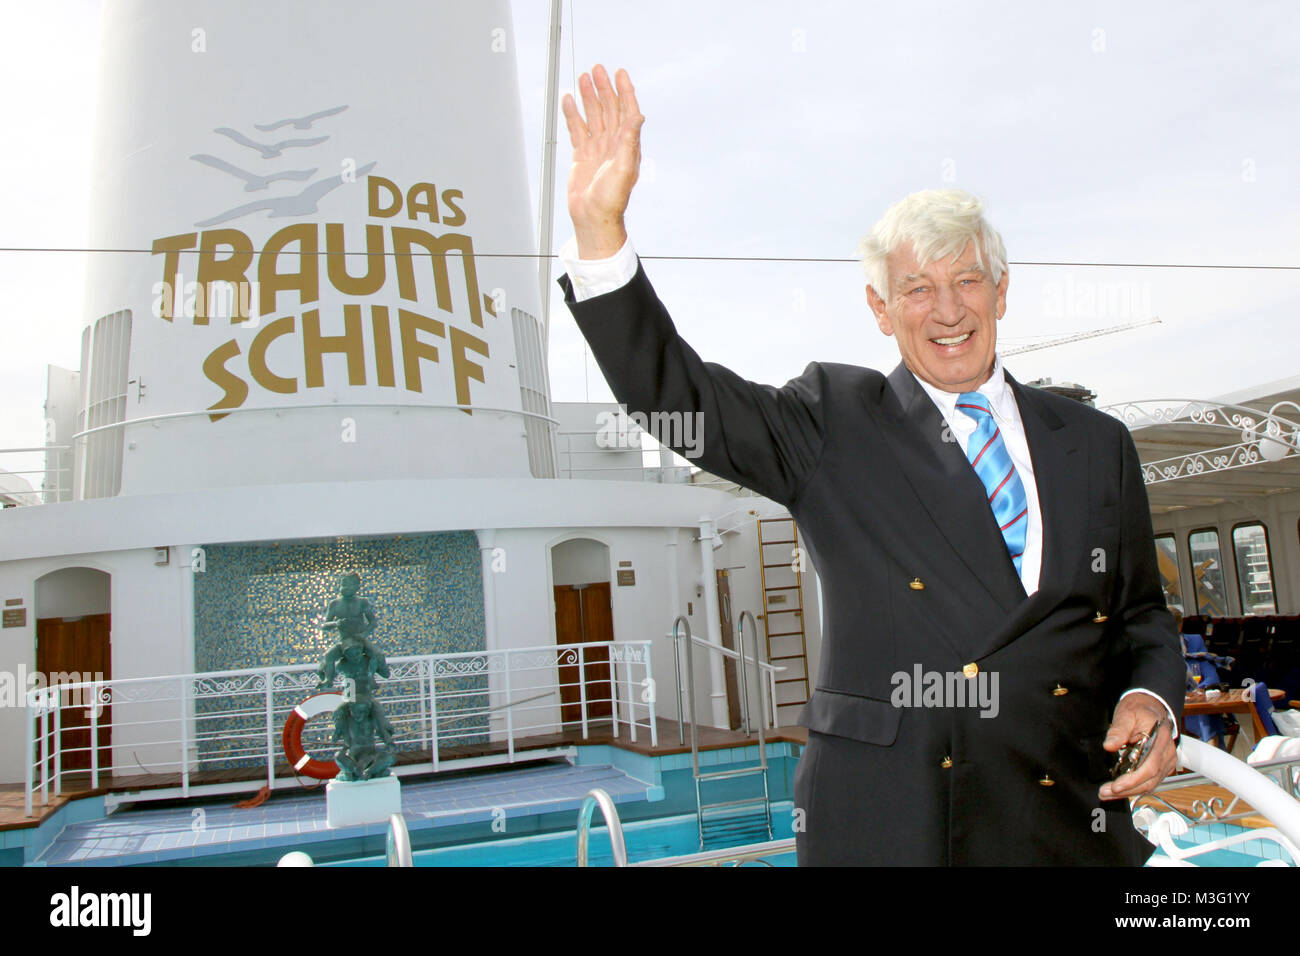 Paulsen Hamburg kerner das traumschiff special hamburg 09 05 2009 kapitaen fred